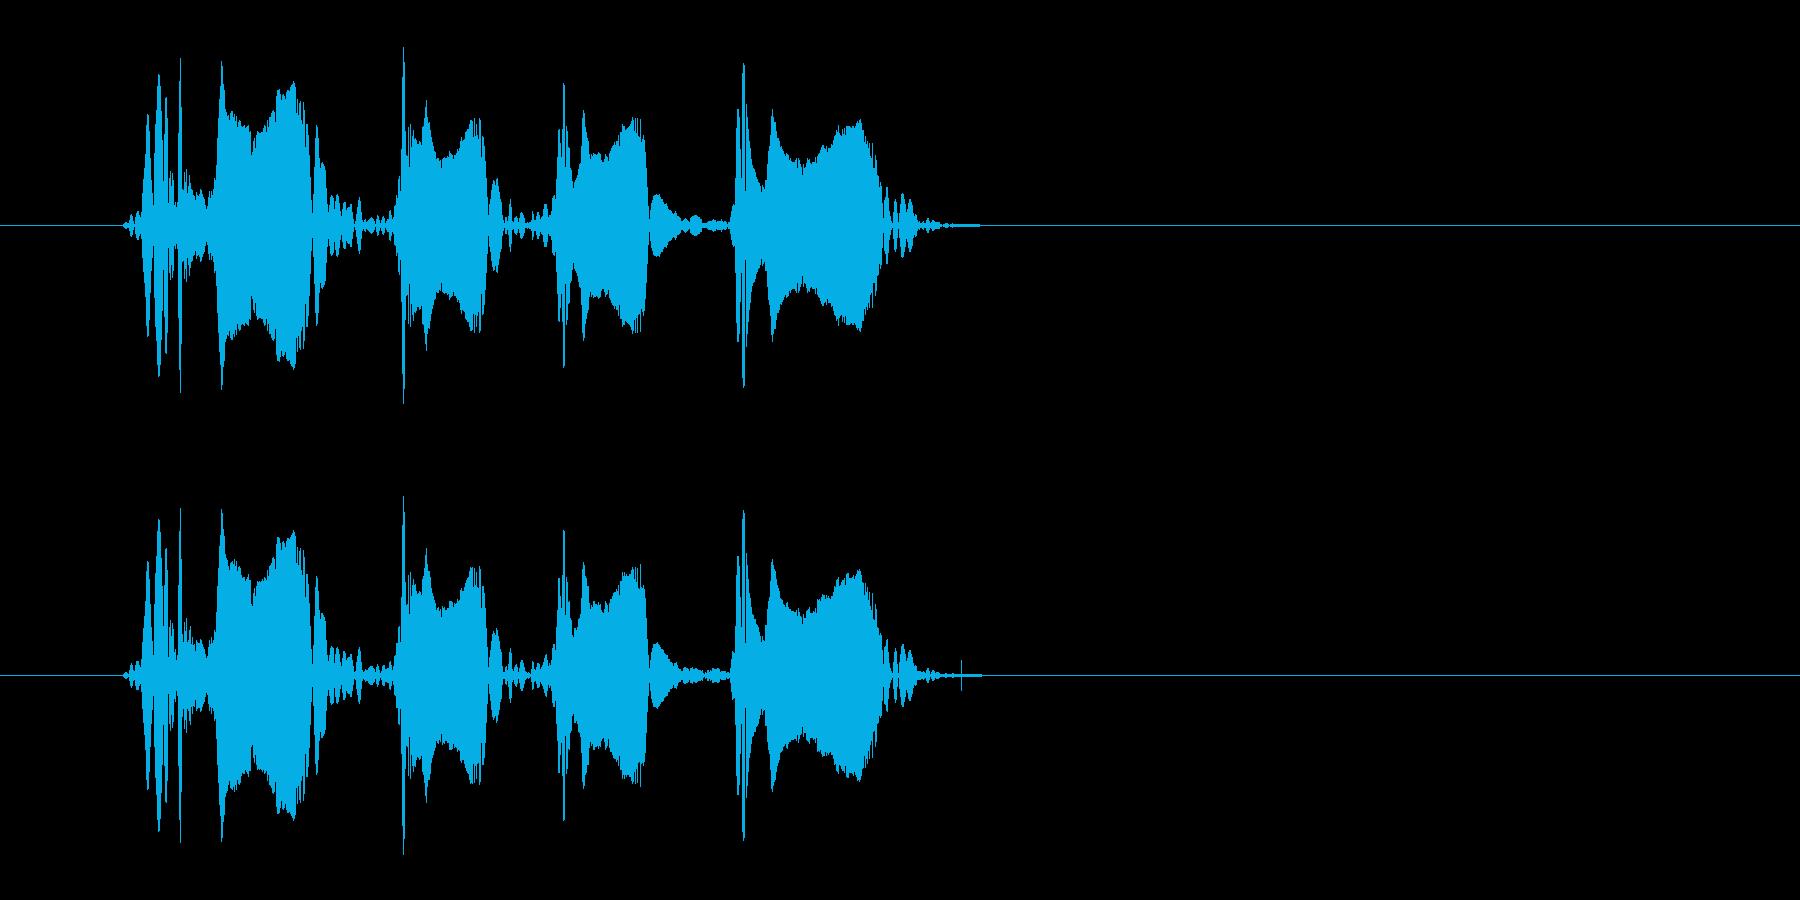 レーザー音-149-3の再生済みの波形